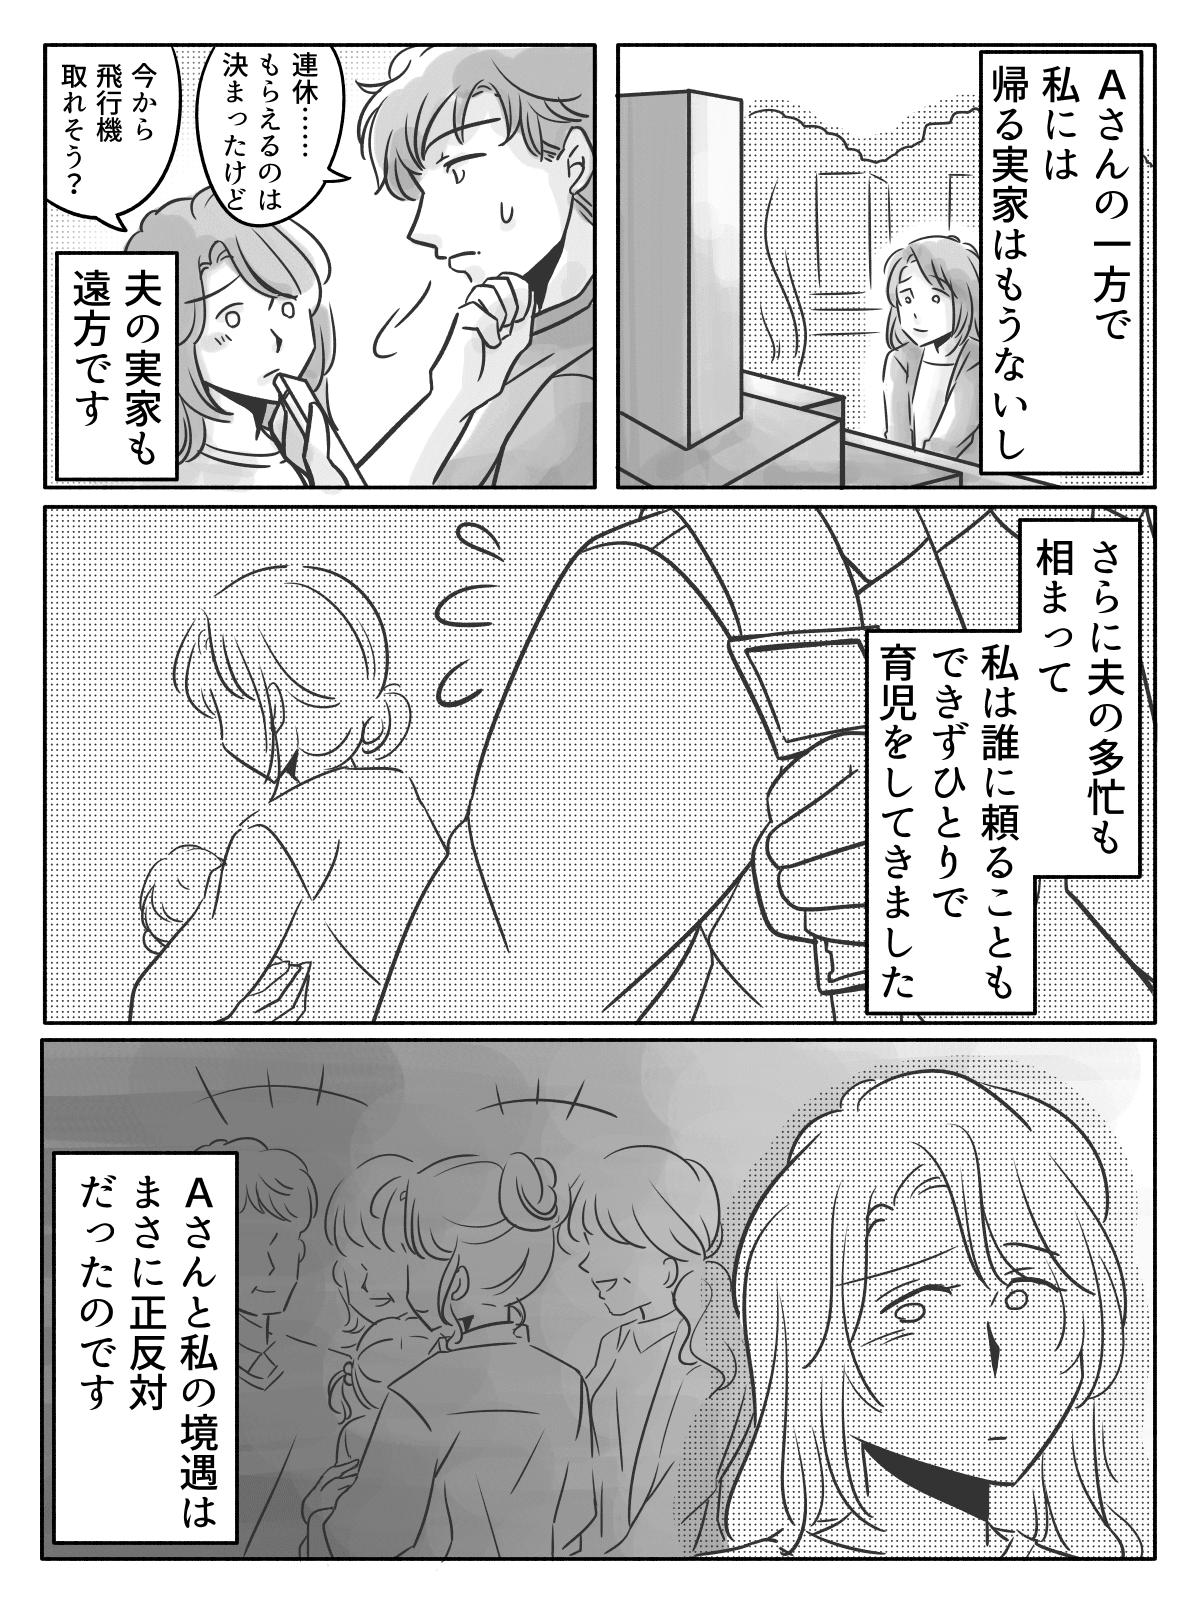 【前編】親に頼れるママ友がうらやましすぎる!